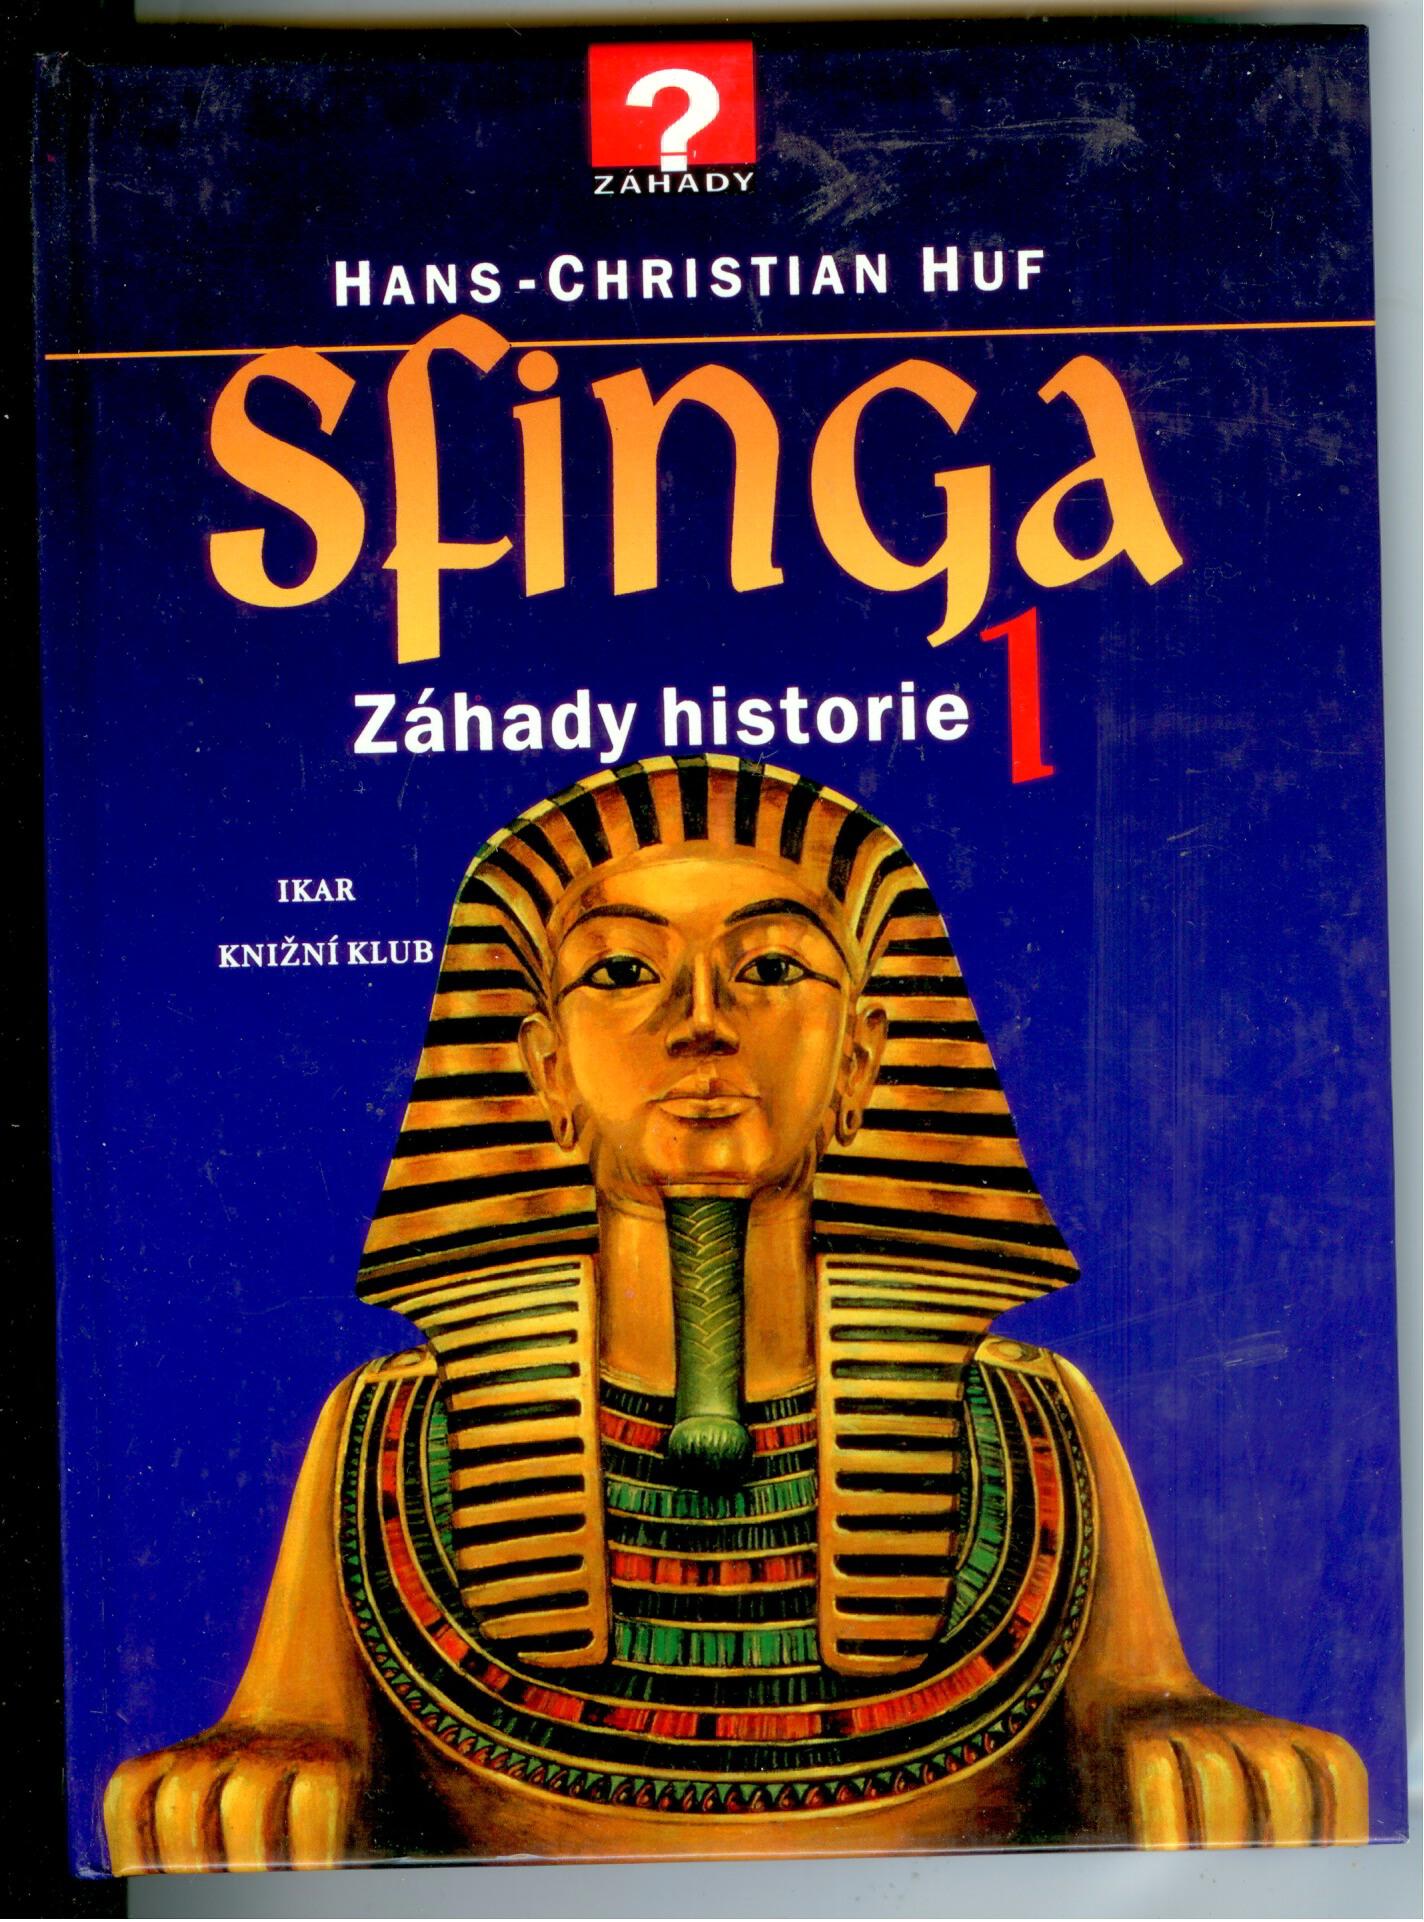 Sfinga - Záhady historie 1 - Hans-Christian Huf